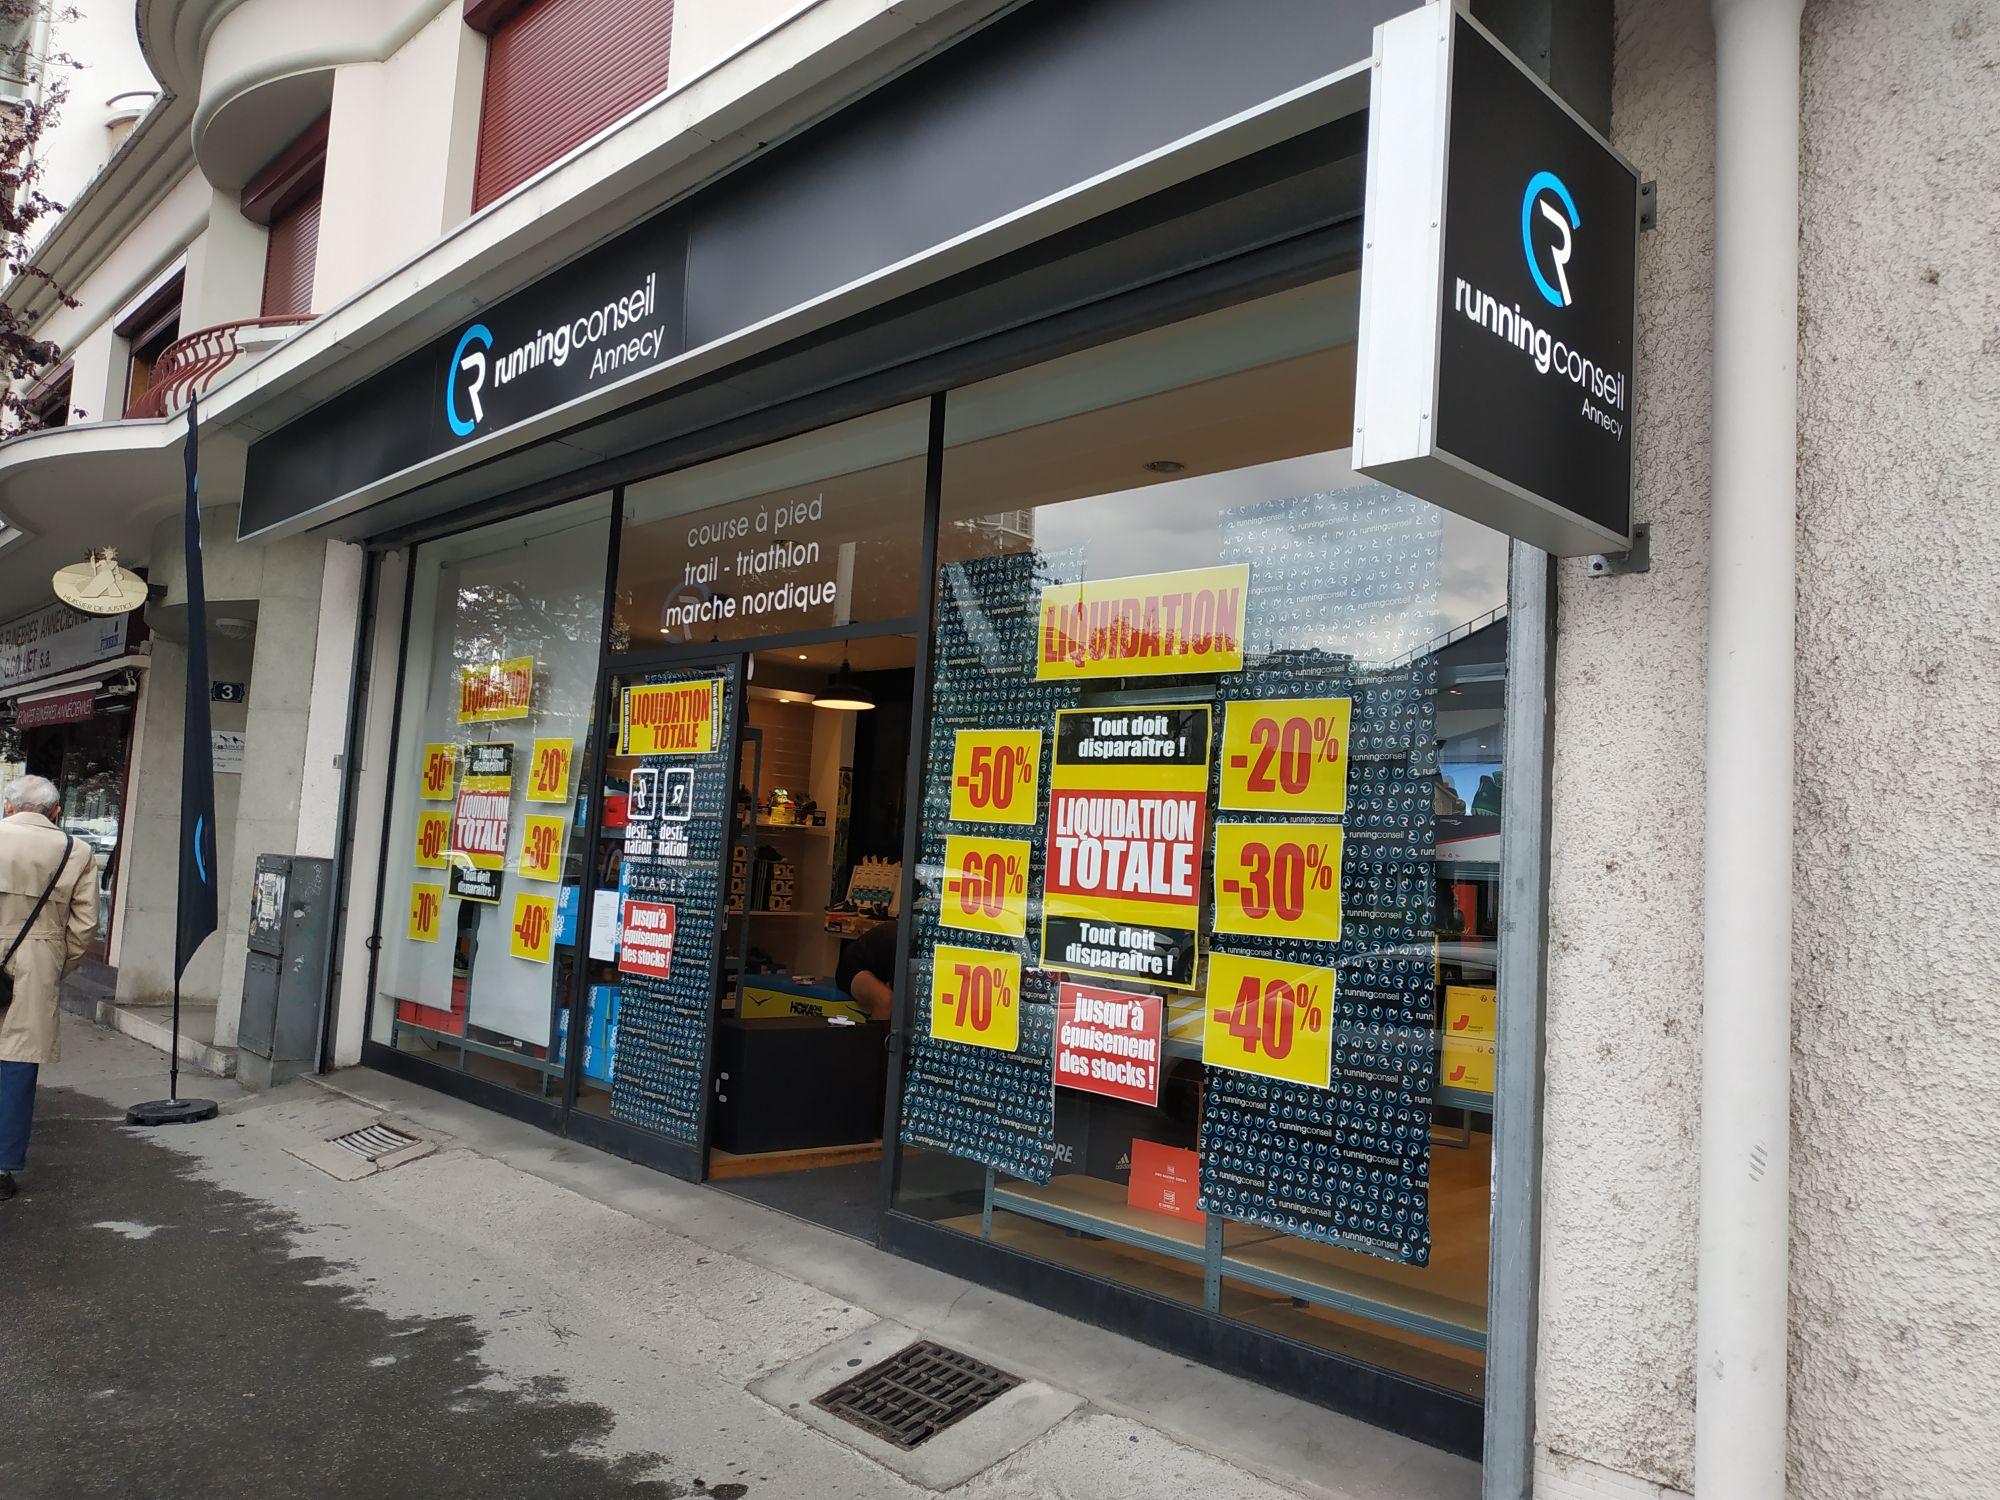 Jusqu'à 70% de réduction sur tout le magasin - Running Conseil Annecy (74)